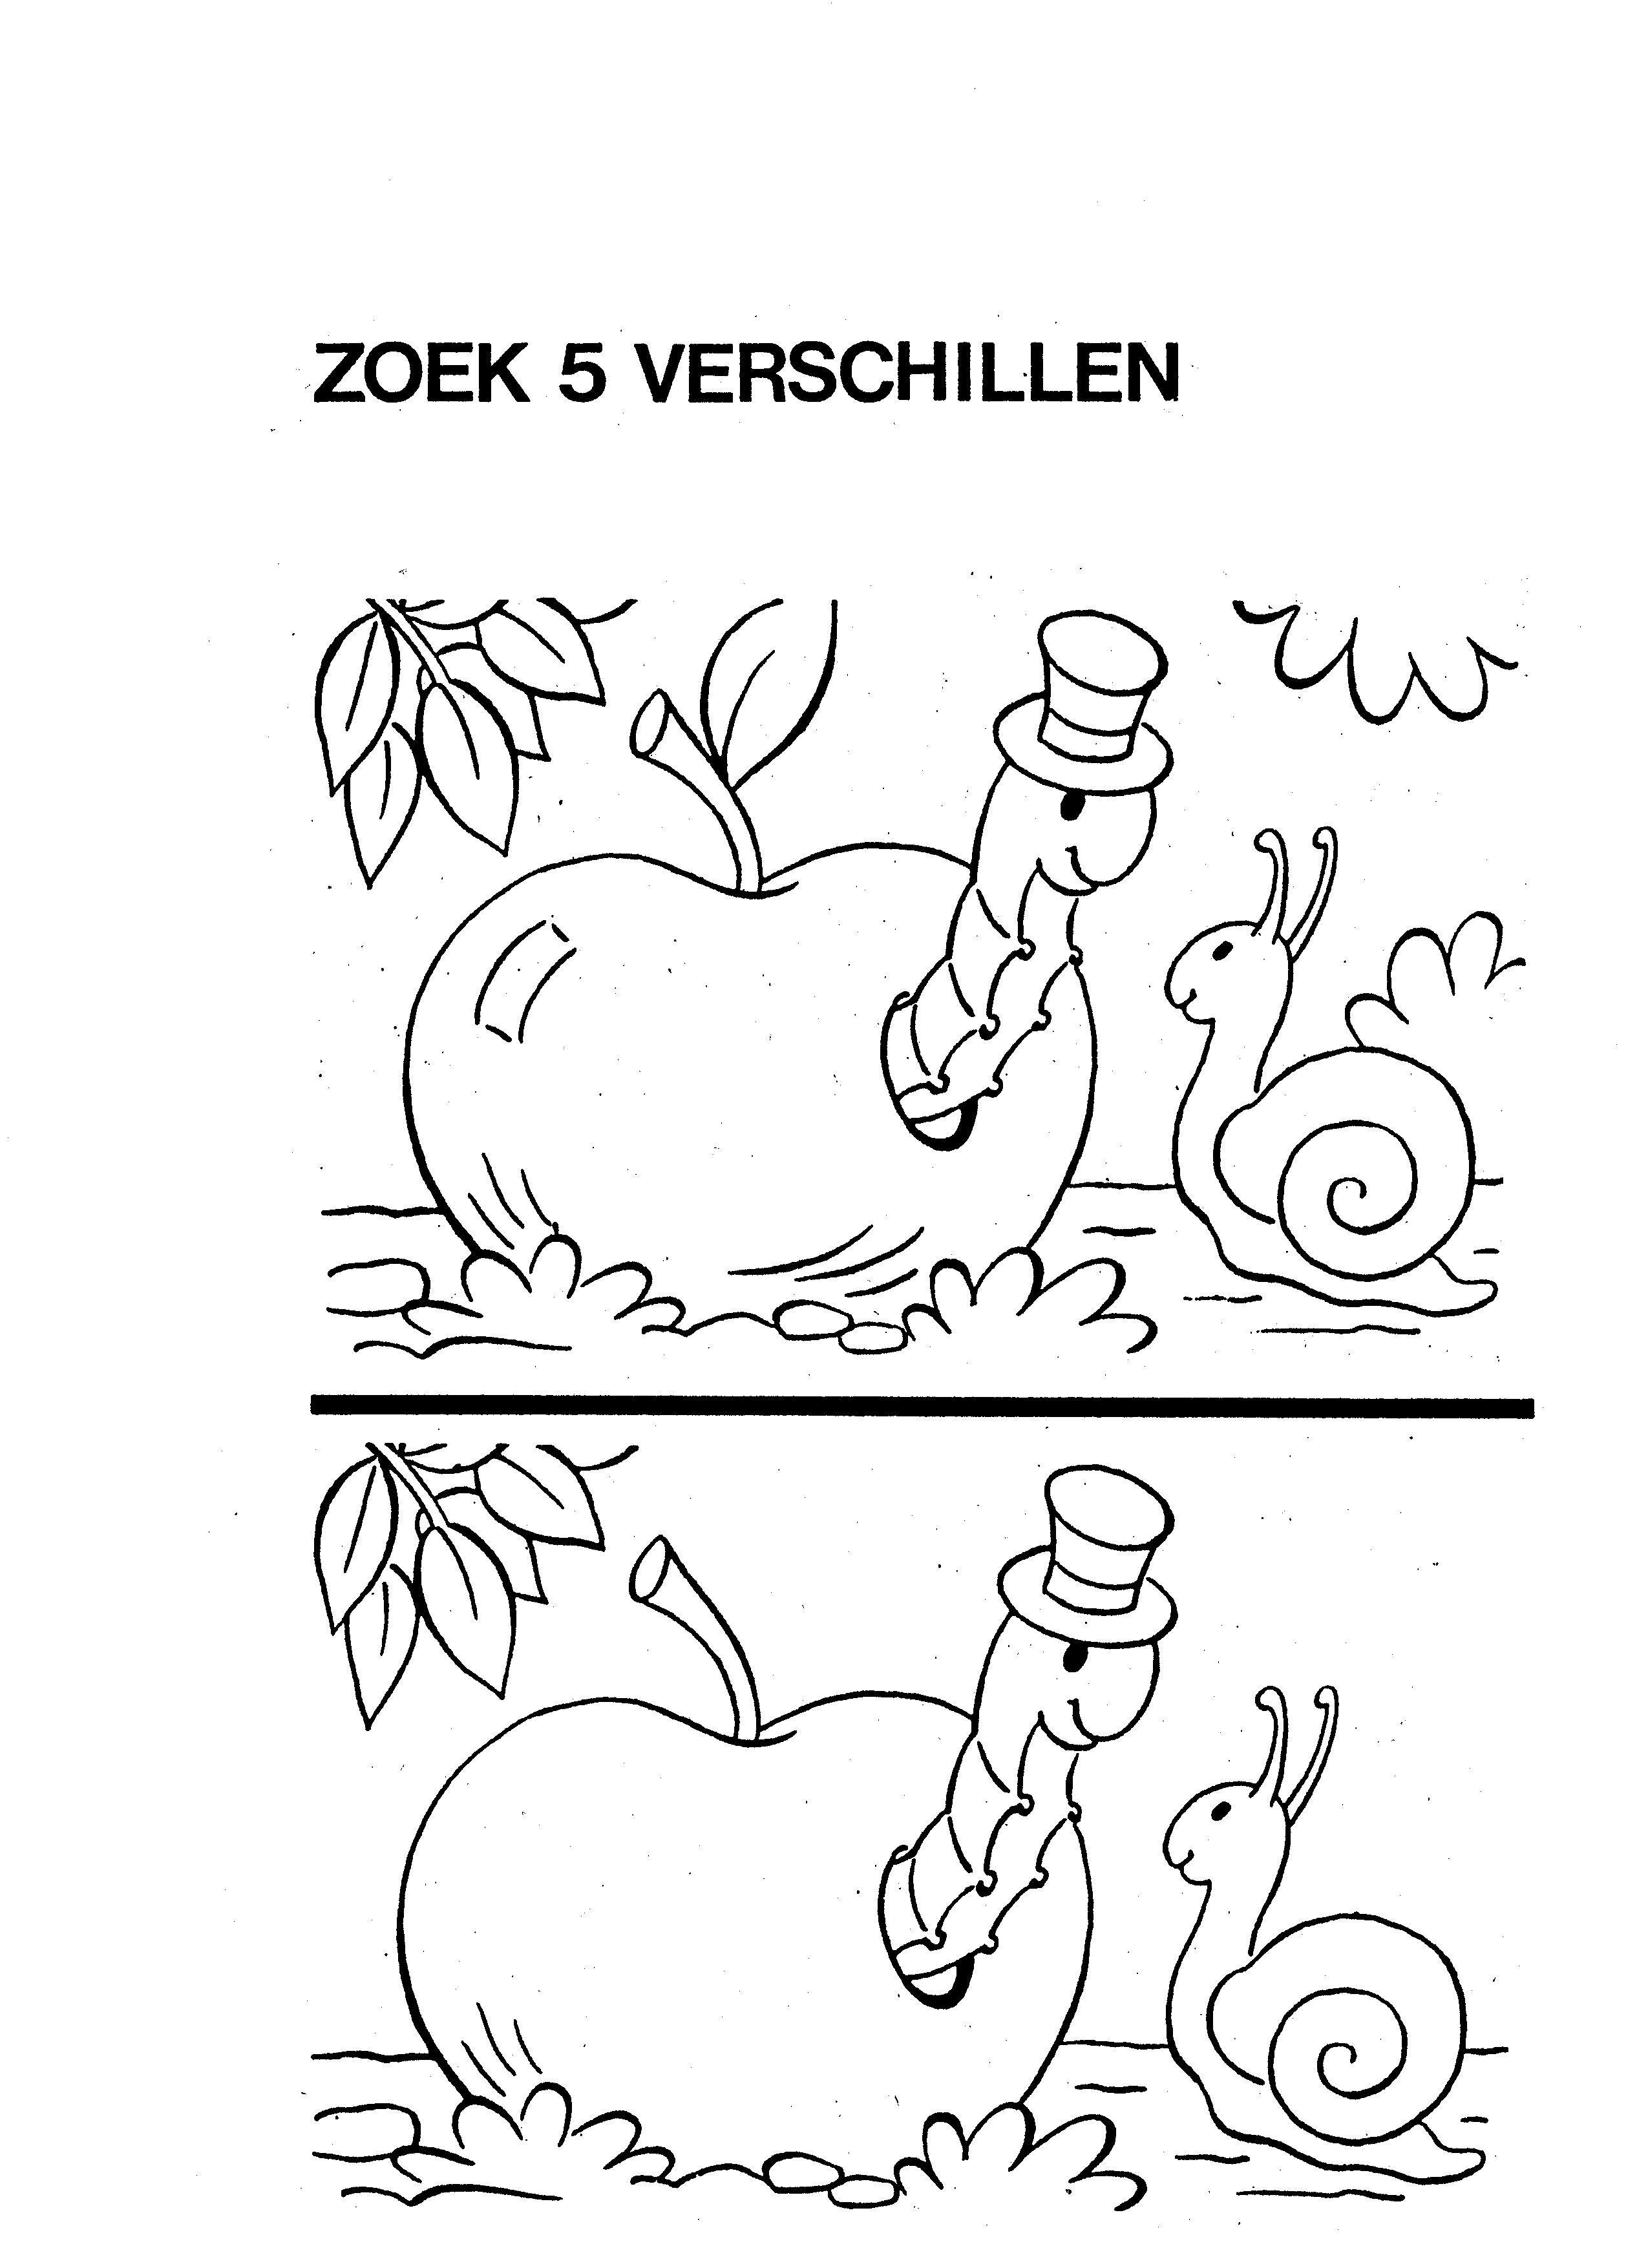 Kleutergroep Herfst Werkbladen Zoek 20de 205 20verschillen 201